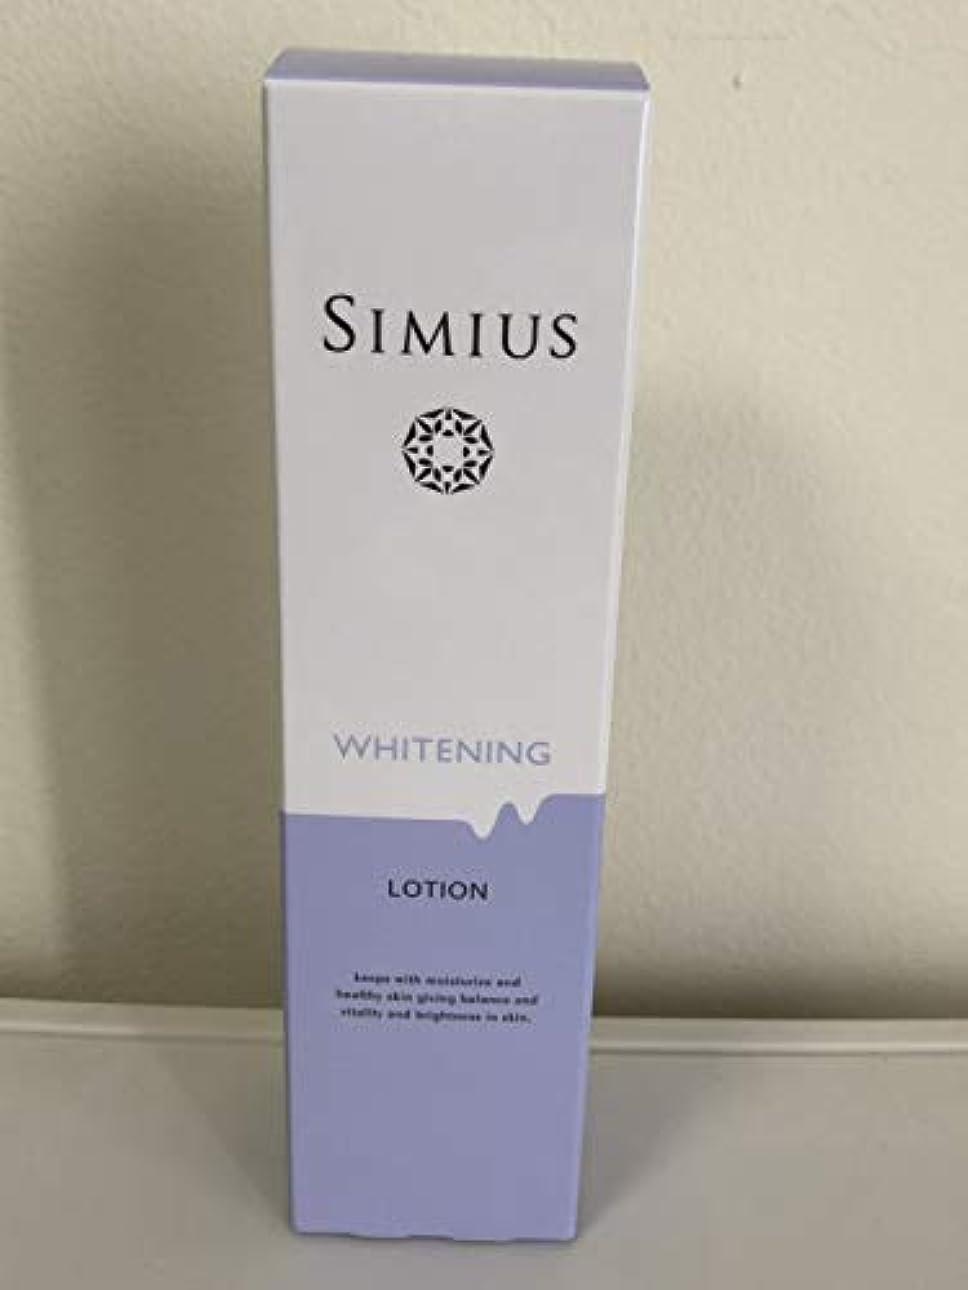 石化する雪だるま矢印Grace&Lucere Simius シミウス 薬用美白ホワイトC 化粧水 150ml